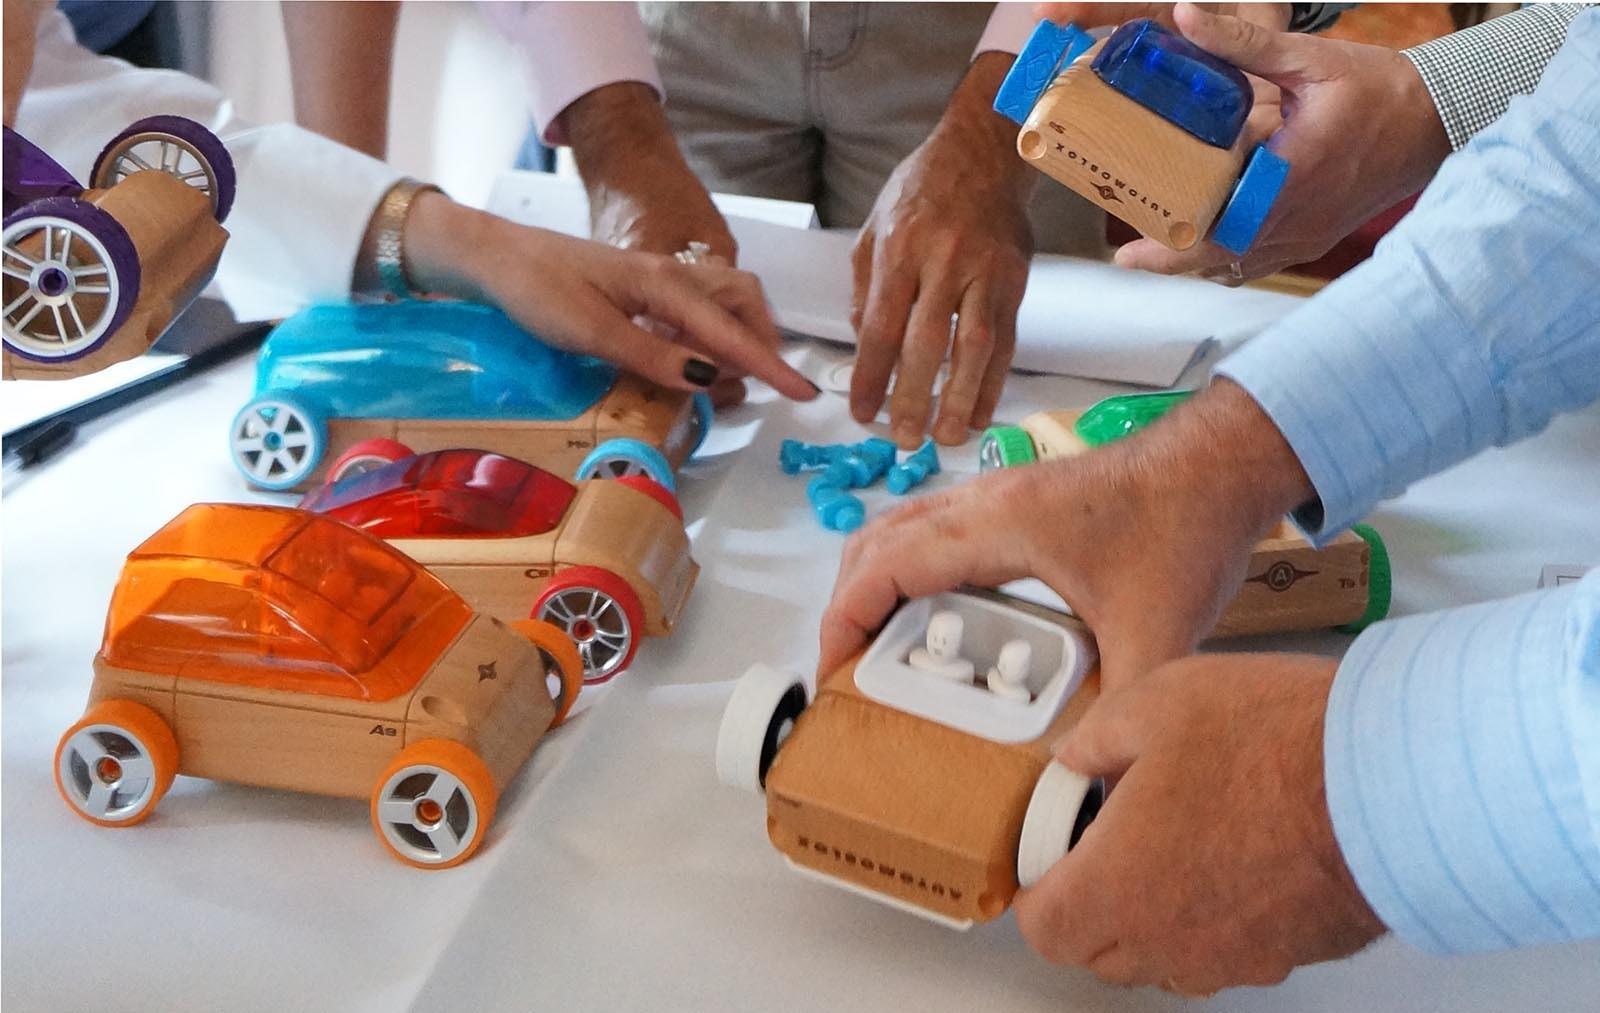 Obchodni strategie Need4Speed vyuziva znalosti znacky v automobilovem prostredi